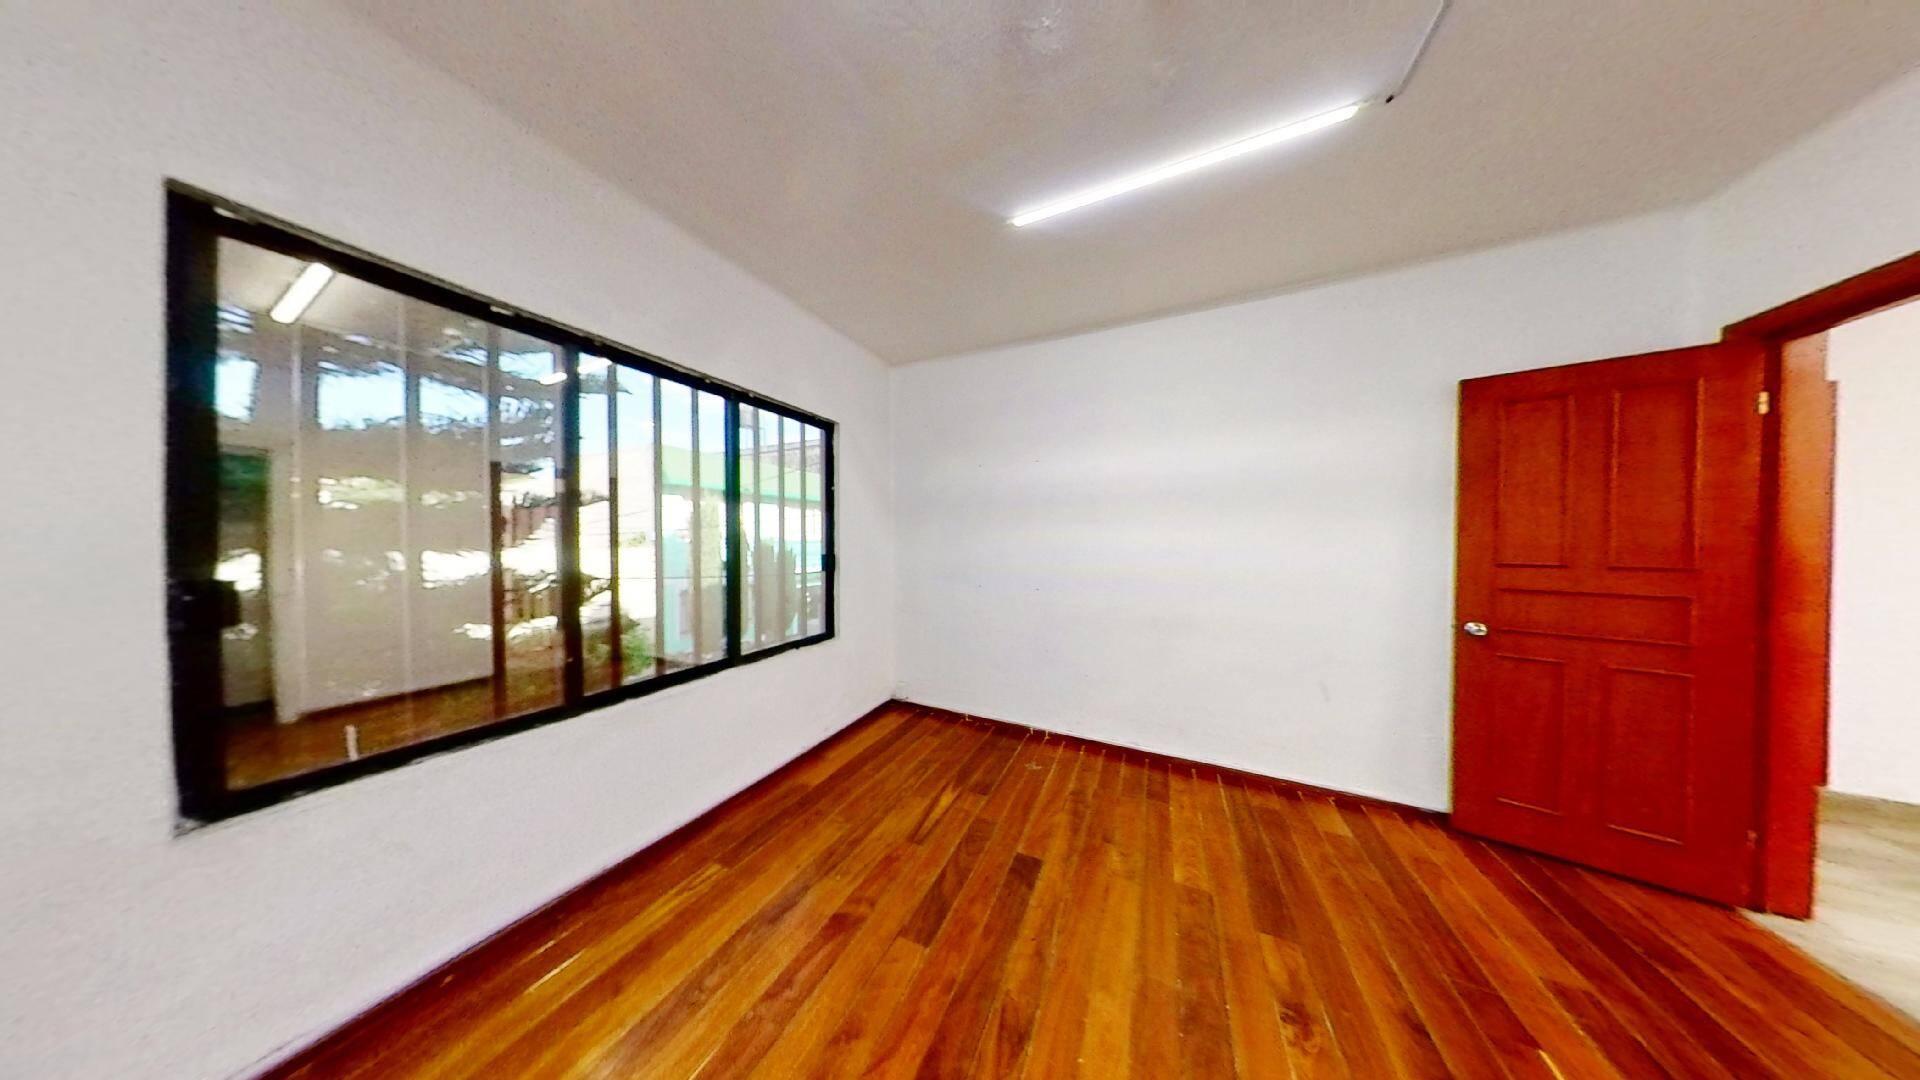 Casa en venta en la Colonia Roma Sur, Alcaldía Cuauhtémoc, CDMX